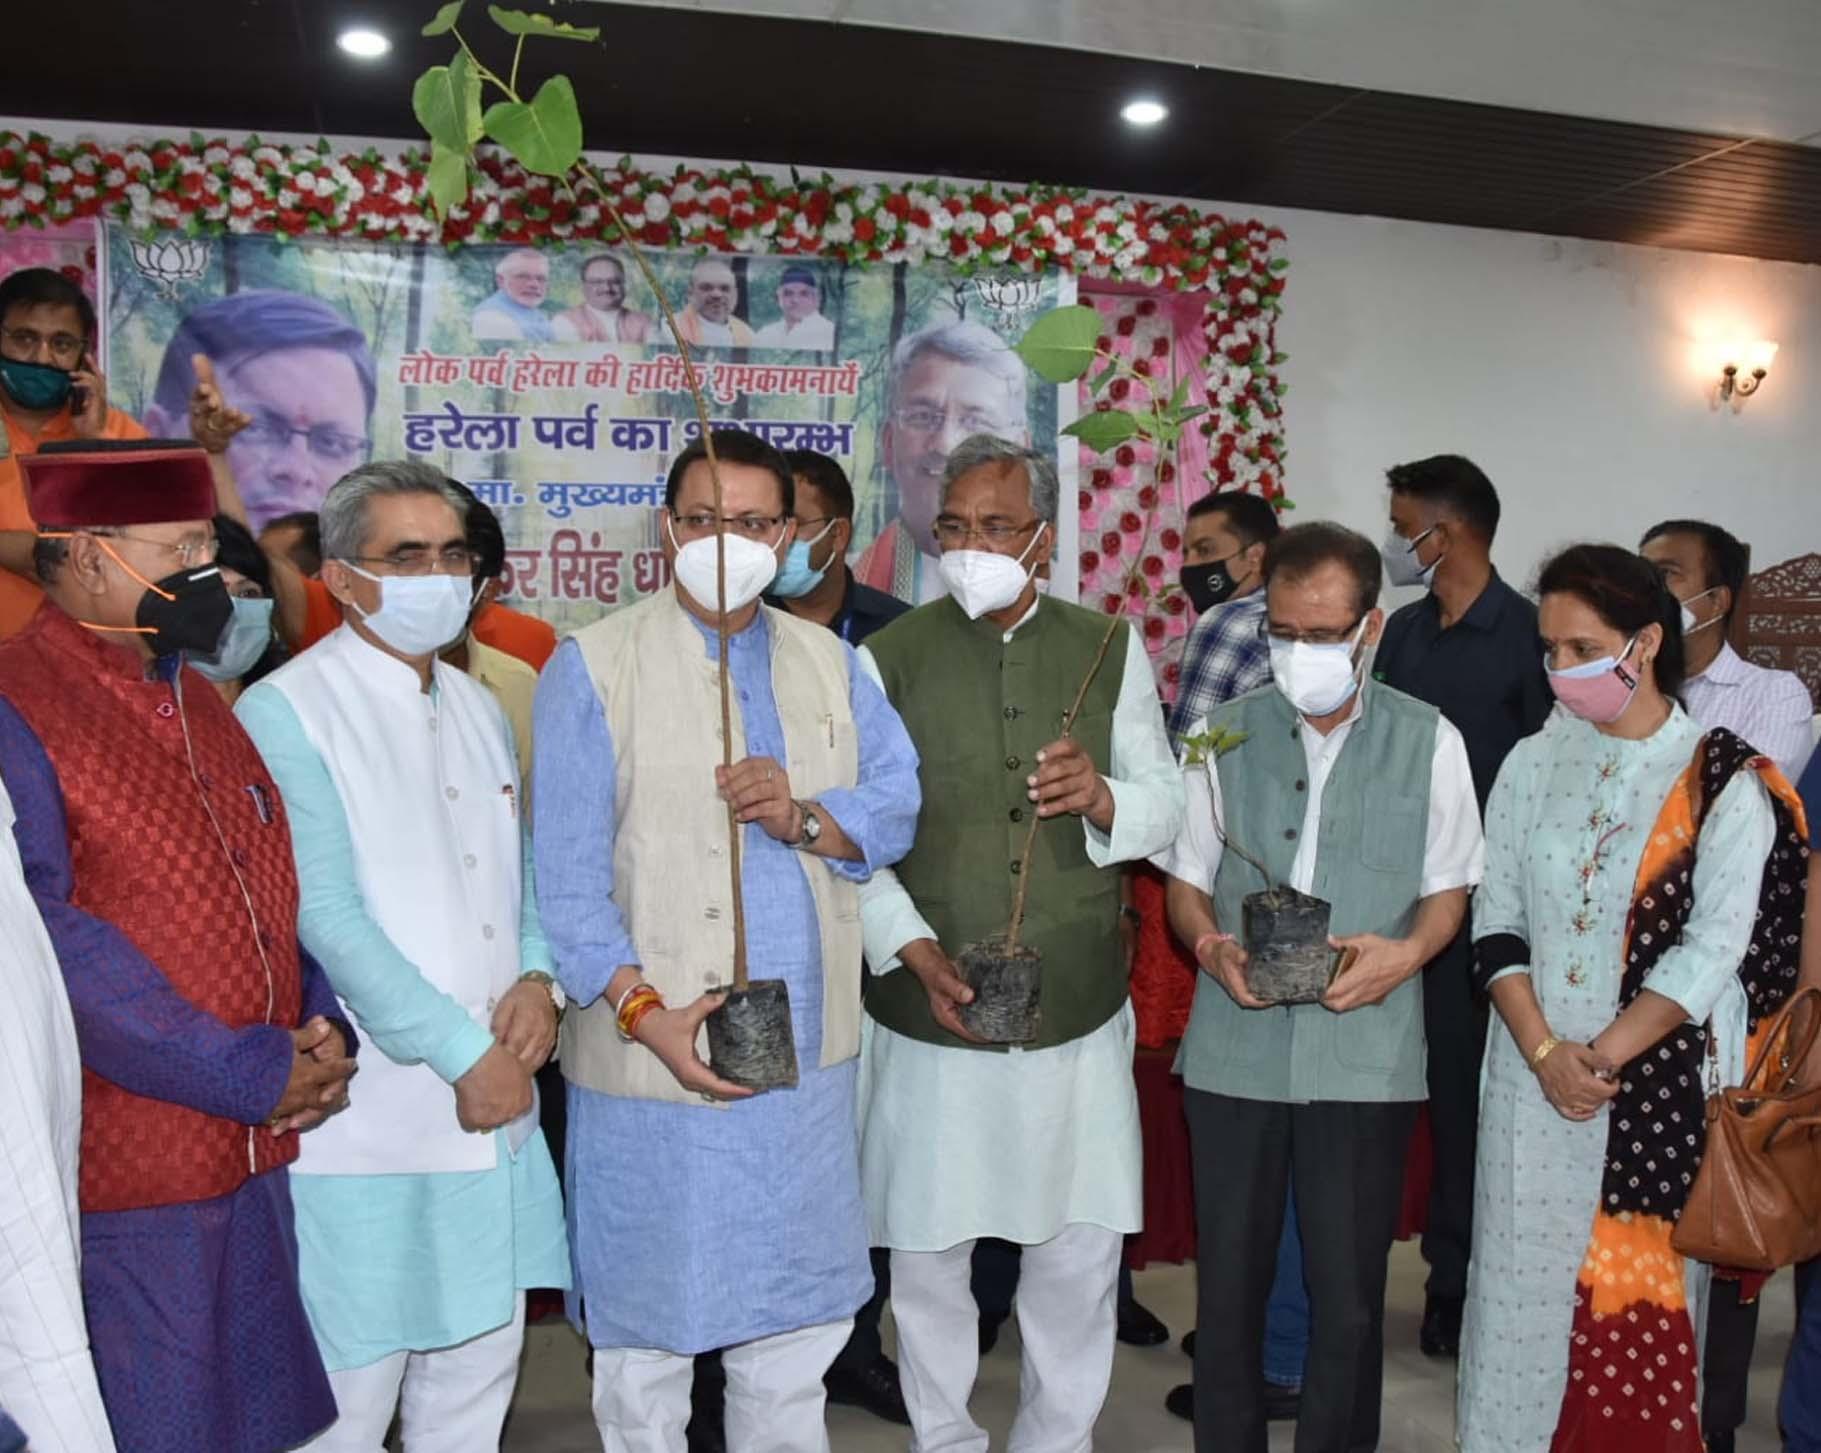 हरेला पर्व पर आयोजित वृक्षदान कार्यक्रम में में सीएम पुष्कर धामी और पूर्व सीएम त्रिवेंद्र रावत ने कि